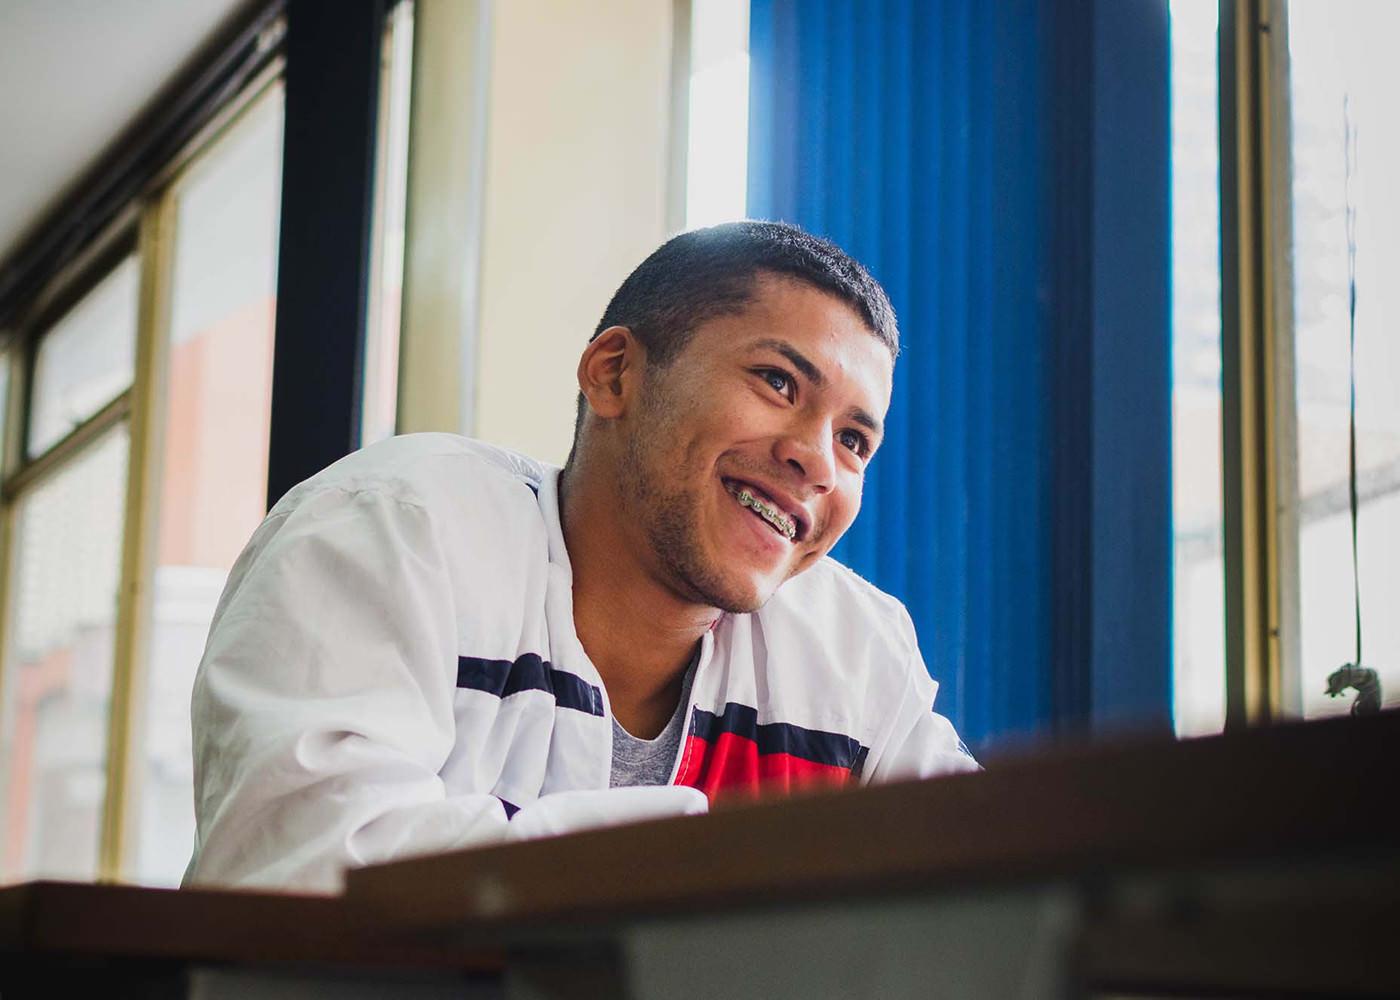 Jóvenes de Bogotá y Medellín con mejores oportunidades de formación y empleo